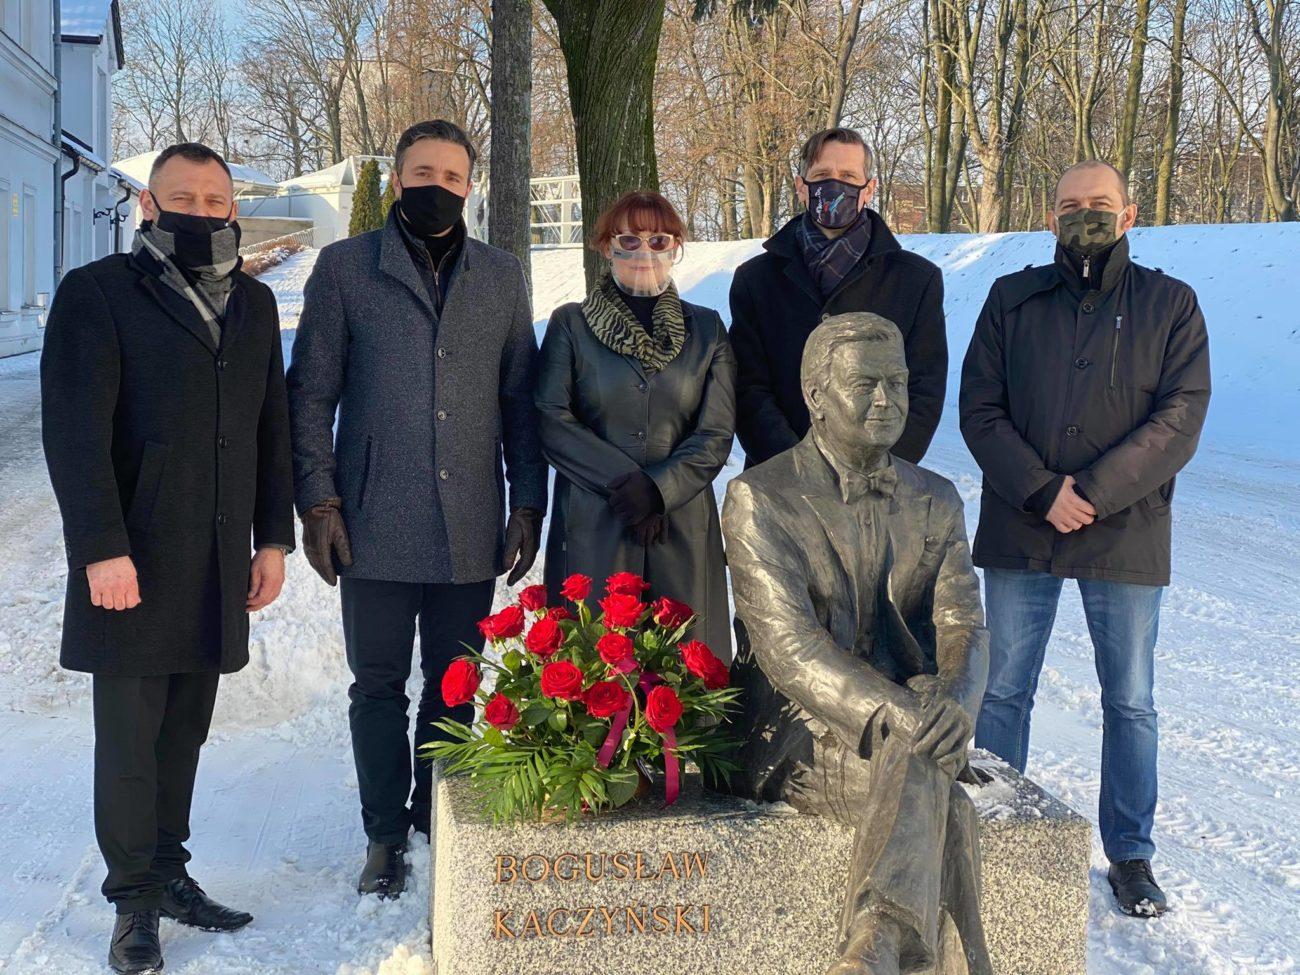 Pamięci Bogusława Kaczyńskiego